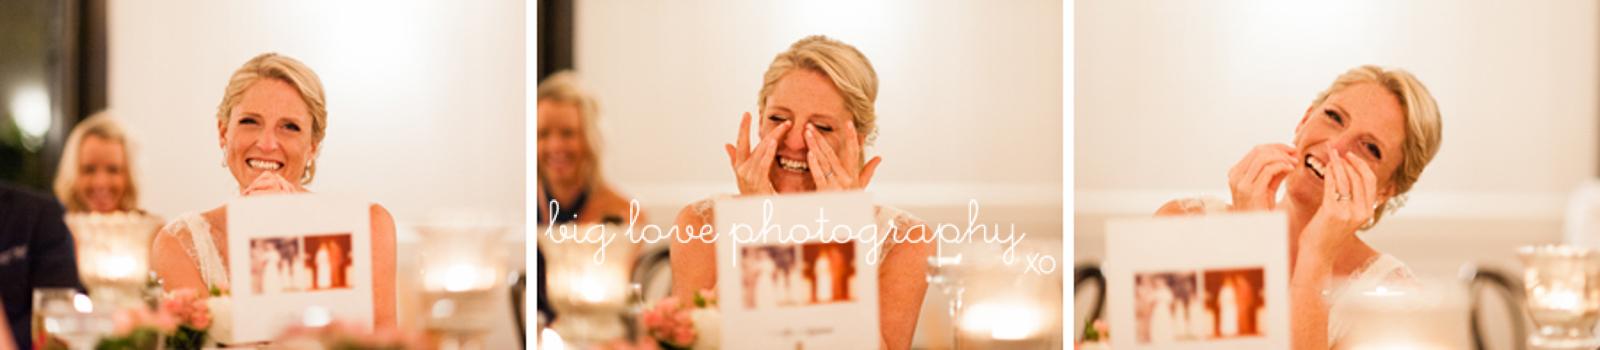 sydneyweddingphotographer-1041.jpg